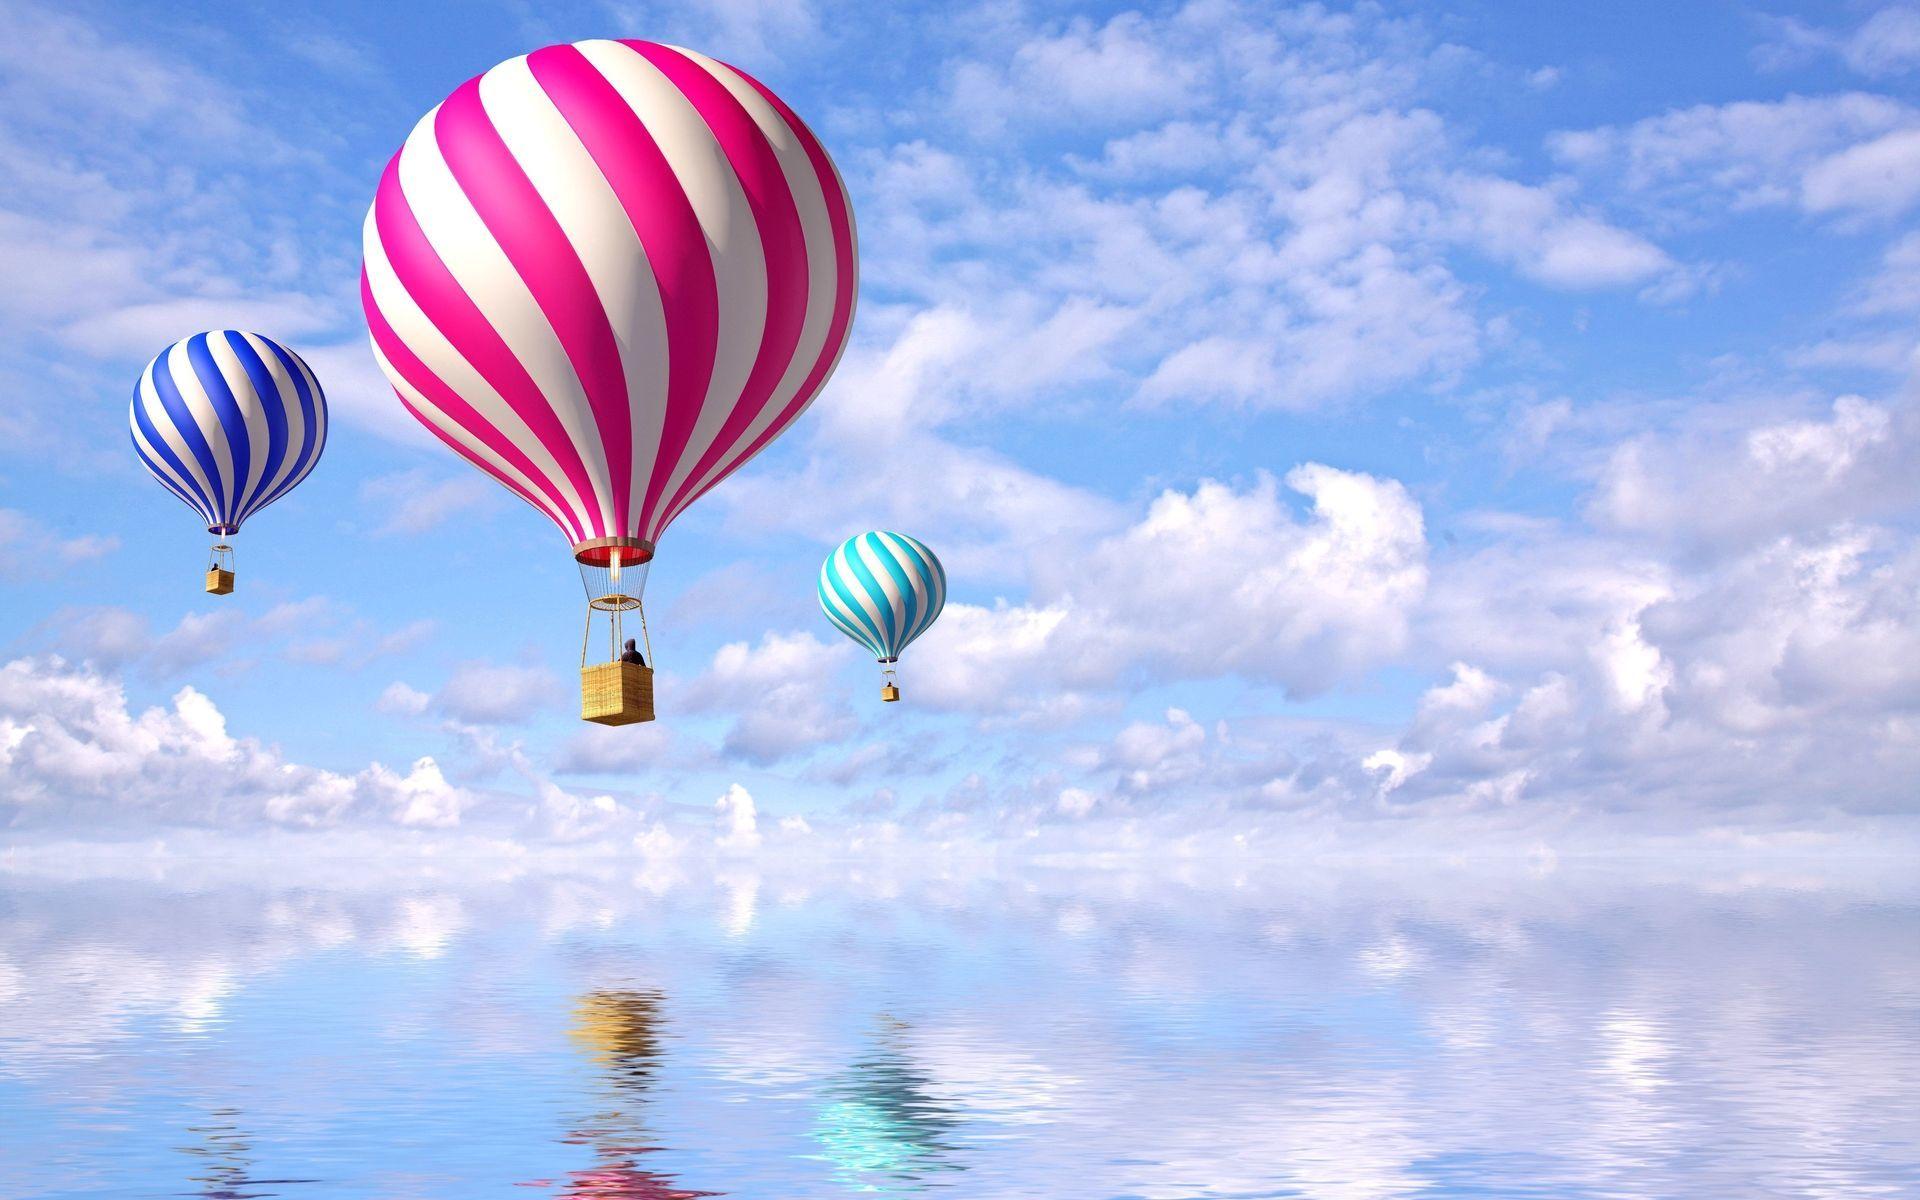 追逐梦想奋斗的正能量说说:梦想还在那里,像个孩子横冲直闯的试试看吧